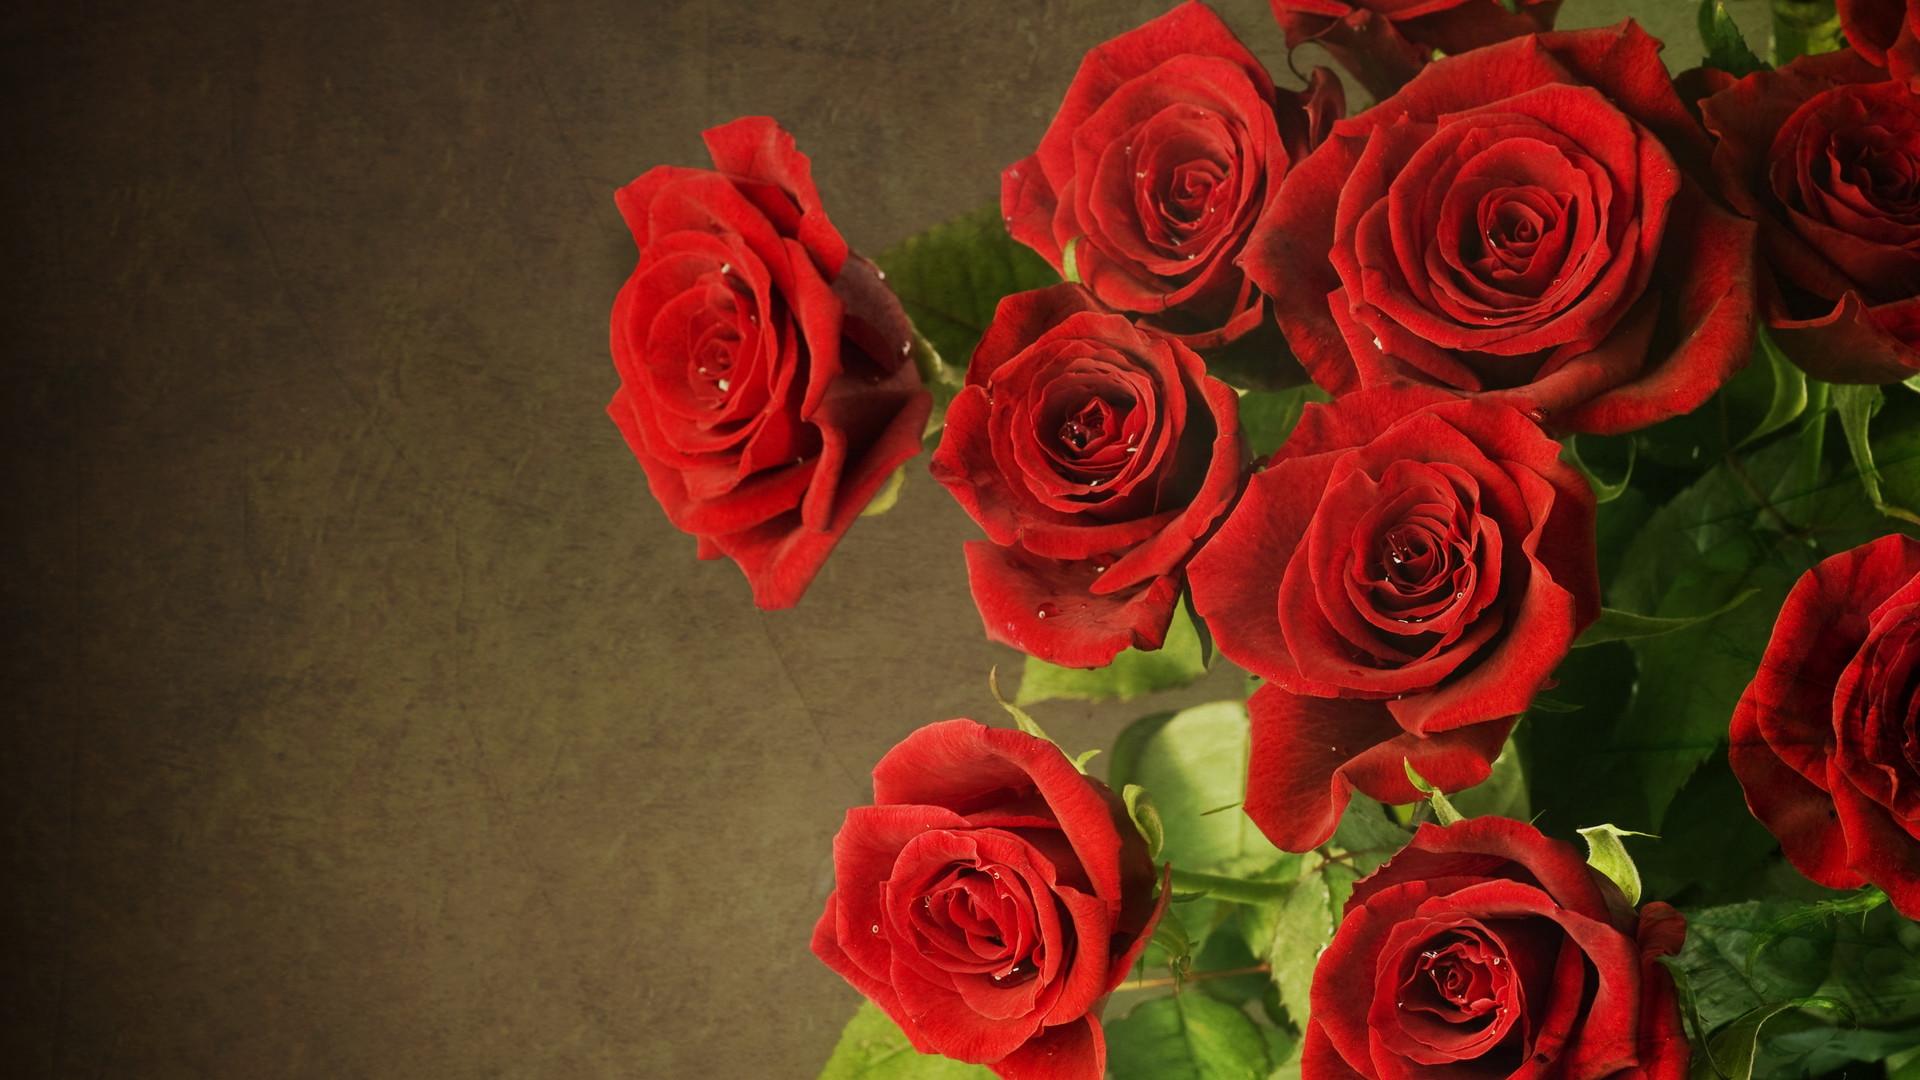 Rose Wallpaper 10